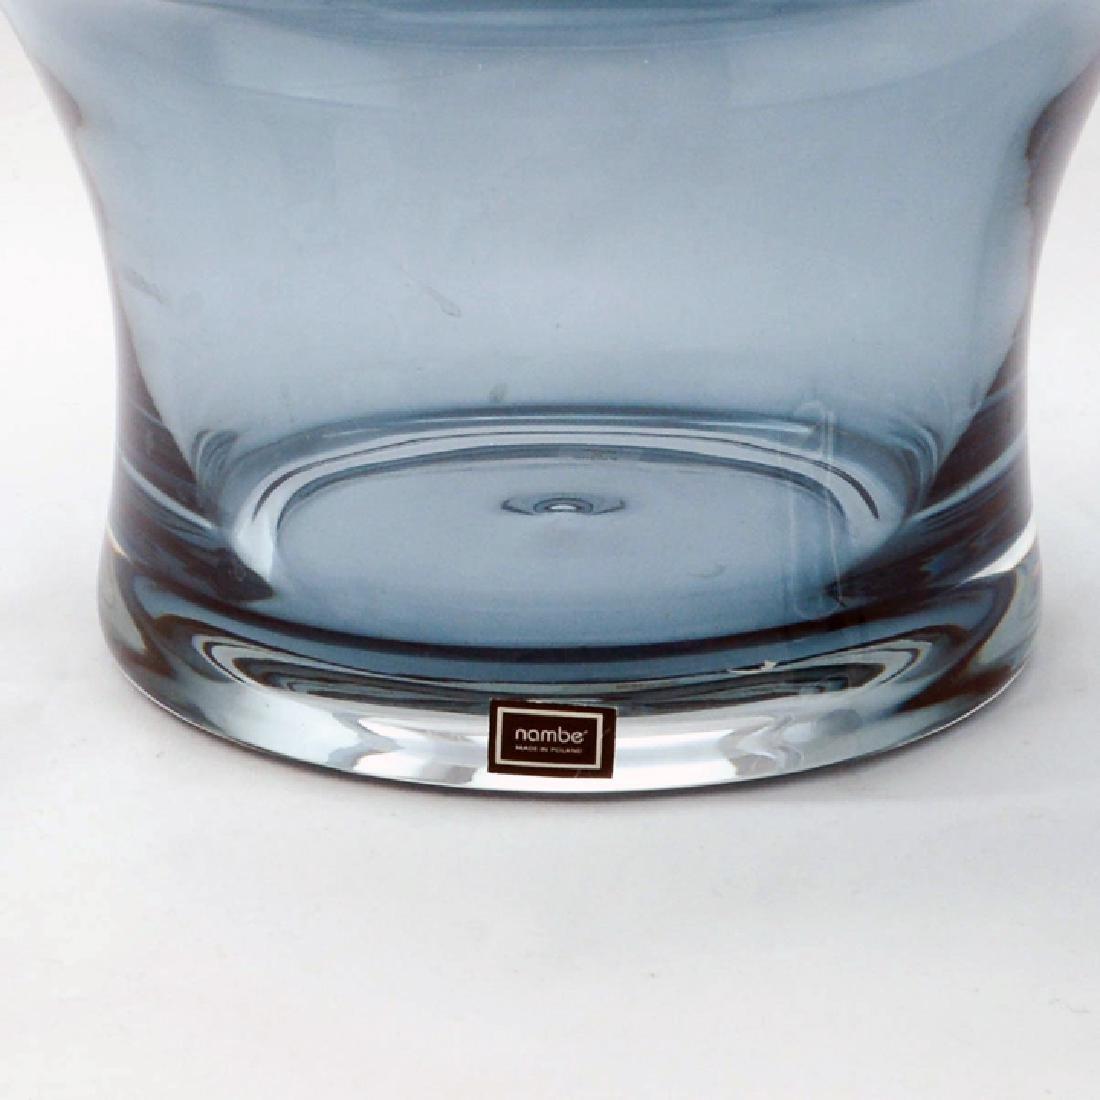 Zeisel Nambe Ohana Nesting Glass Vases - 3